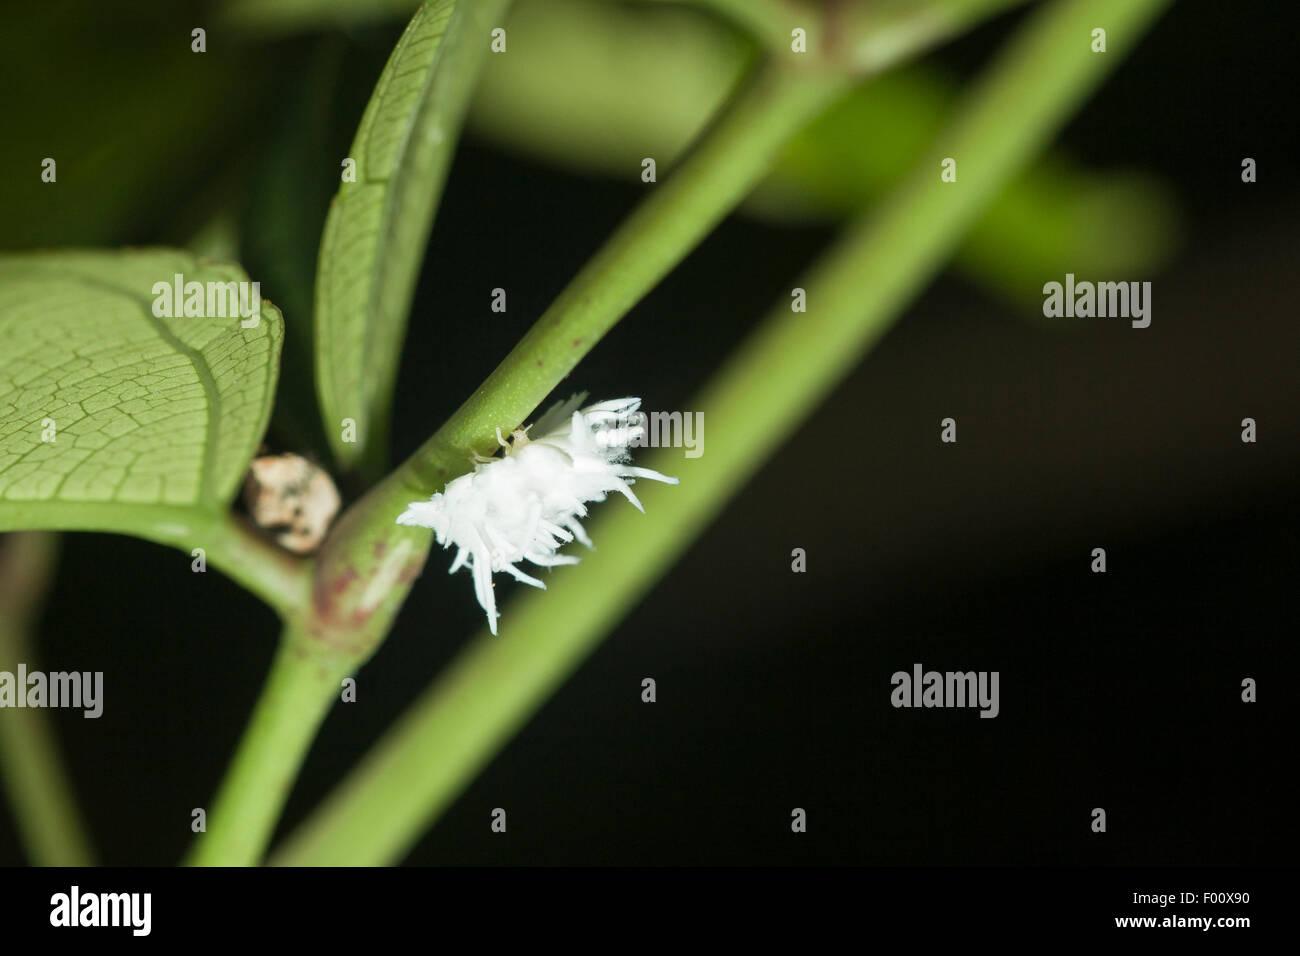 Schmierlaus Zerstörer Larve.  Diese Insektenlarven imitieren das Aussehen ihrer Beutetiere. Stockbild